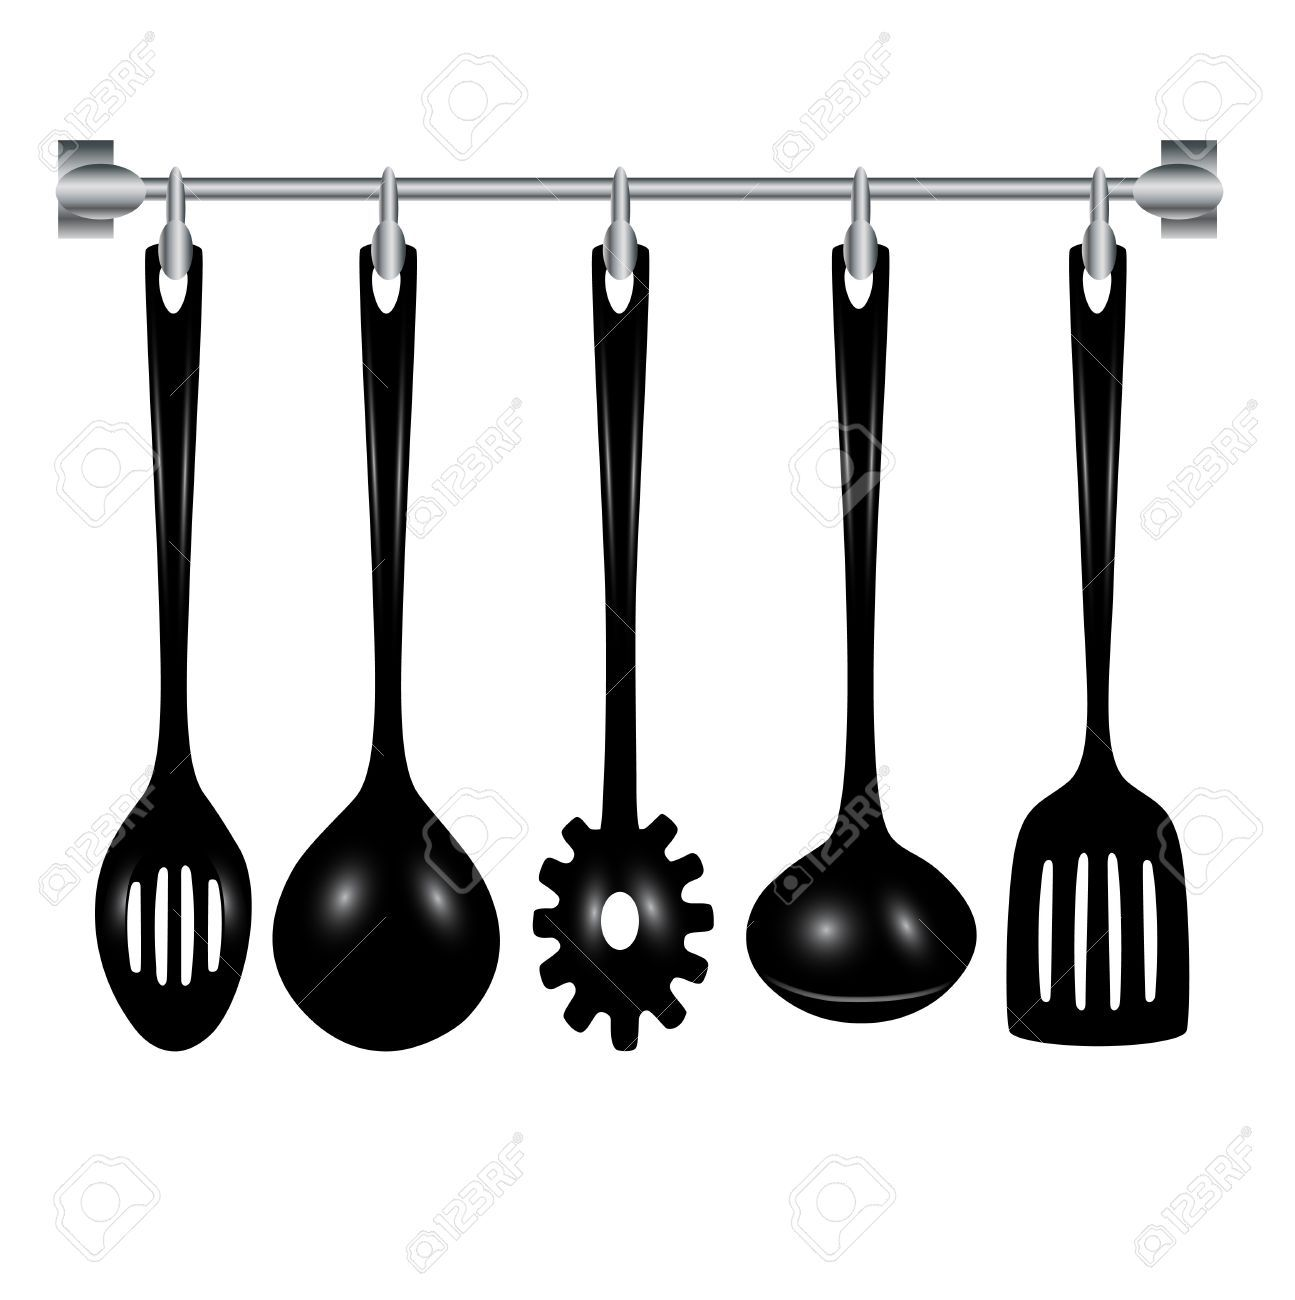 Kitchen utensils clipart black and white 4 » Clipart Portal.